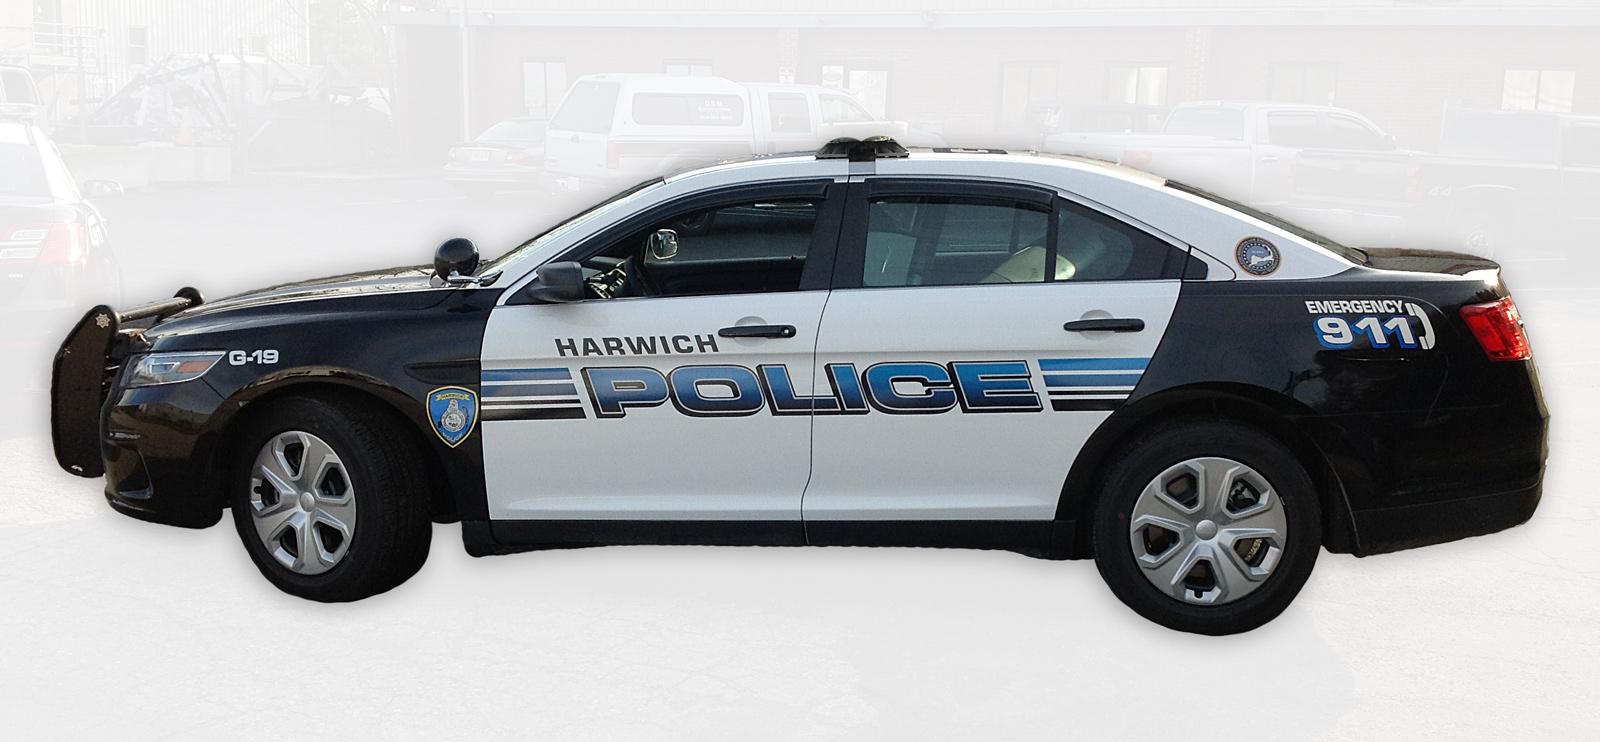 Harwich PD